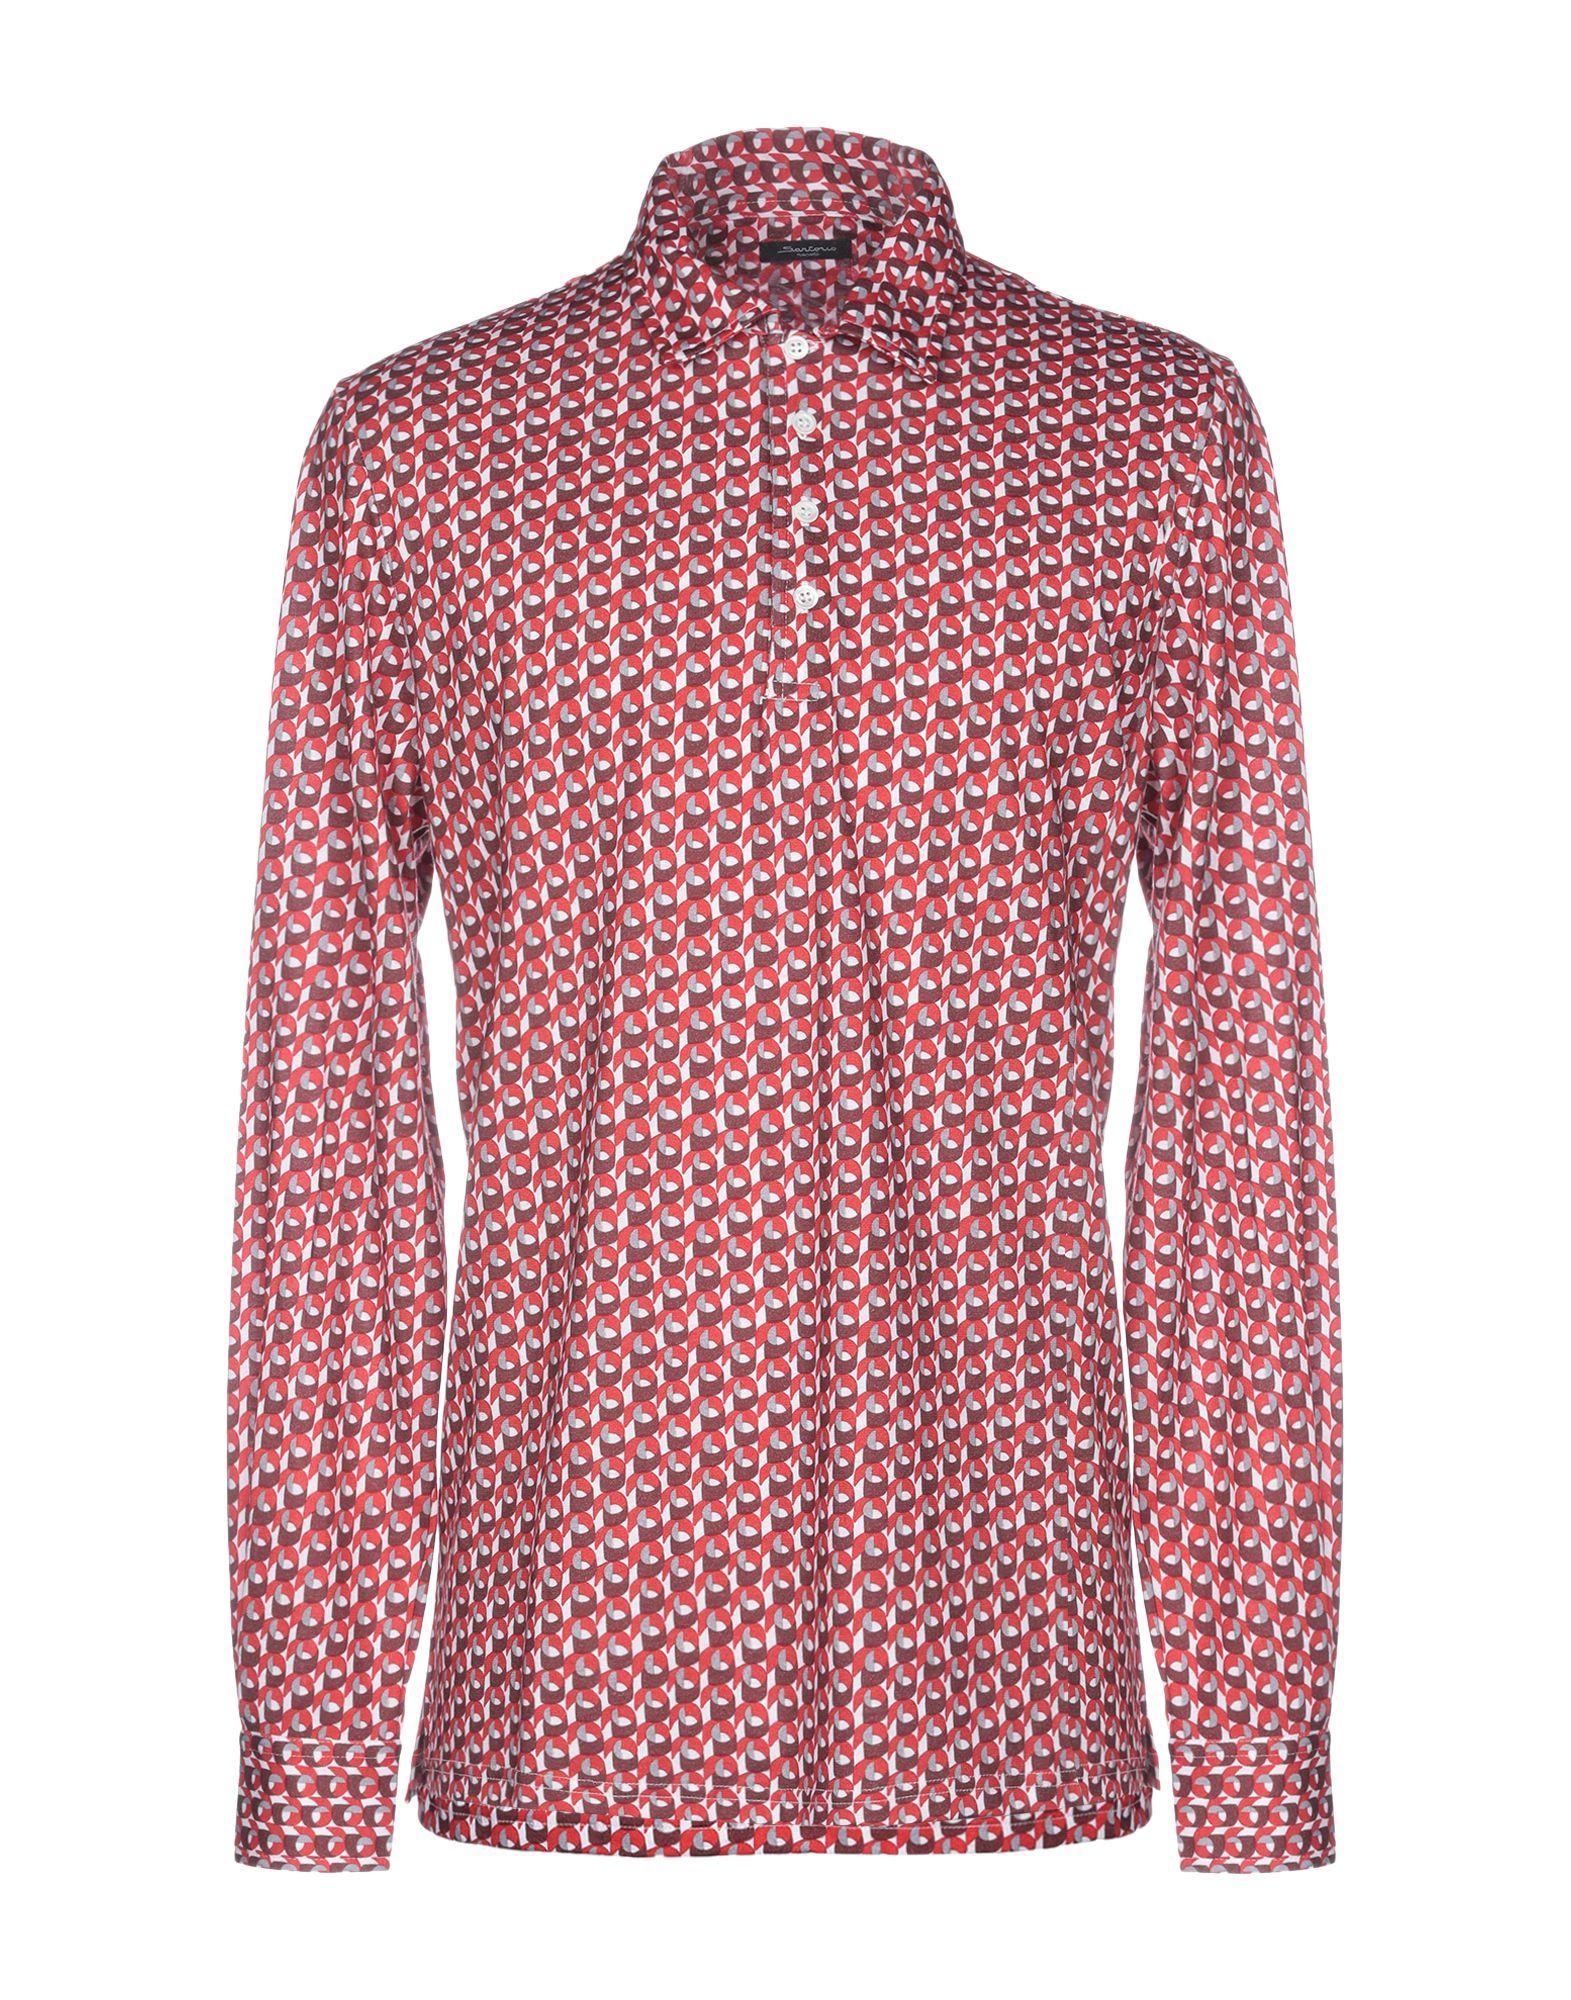 《送料無料》SARTORIO メンズ ポロシャツ レッド 50 コットン 100%